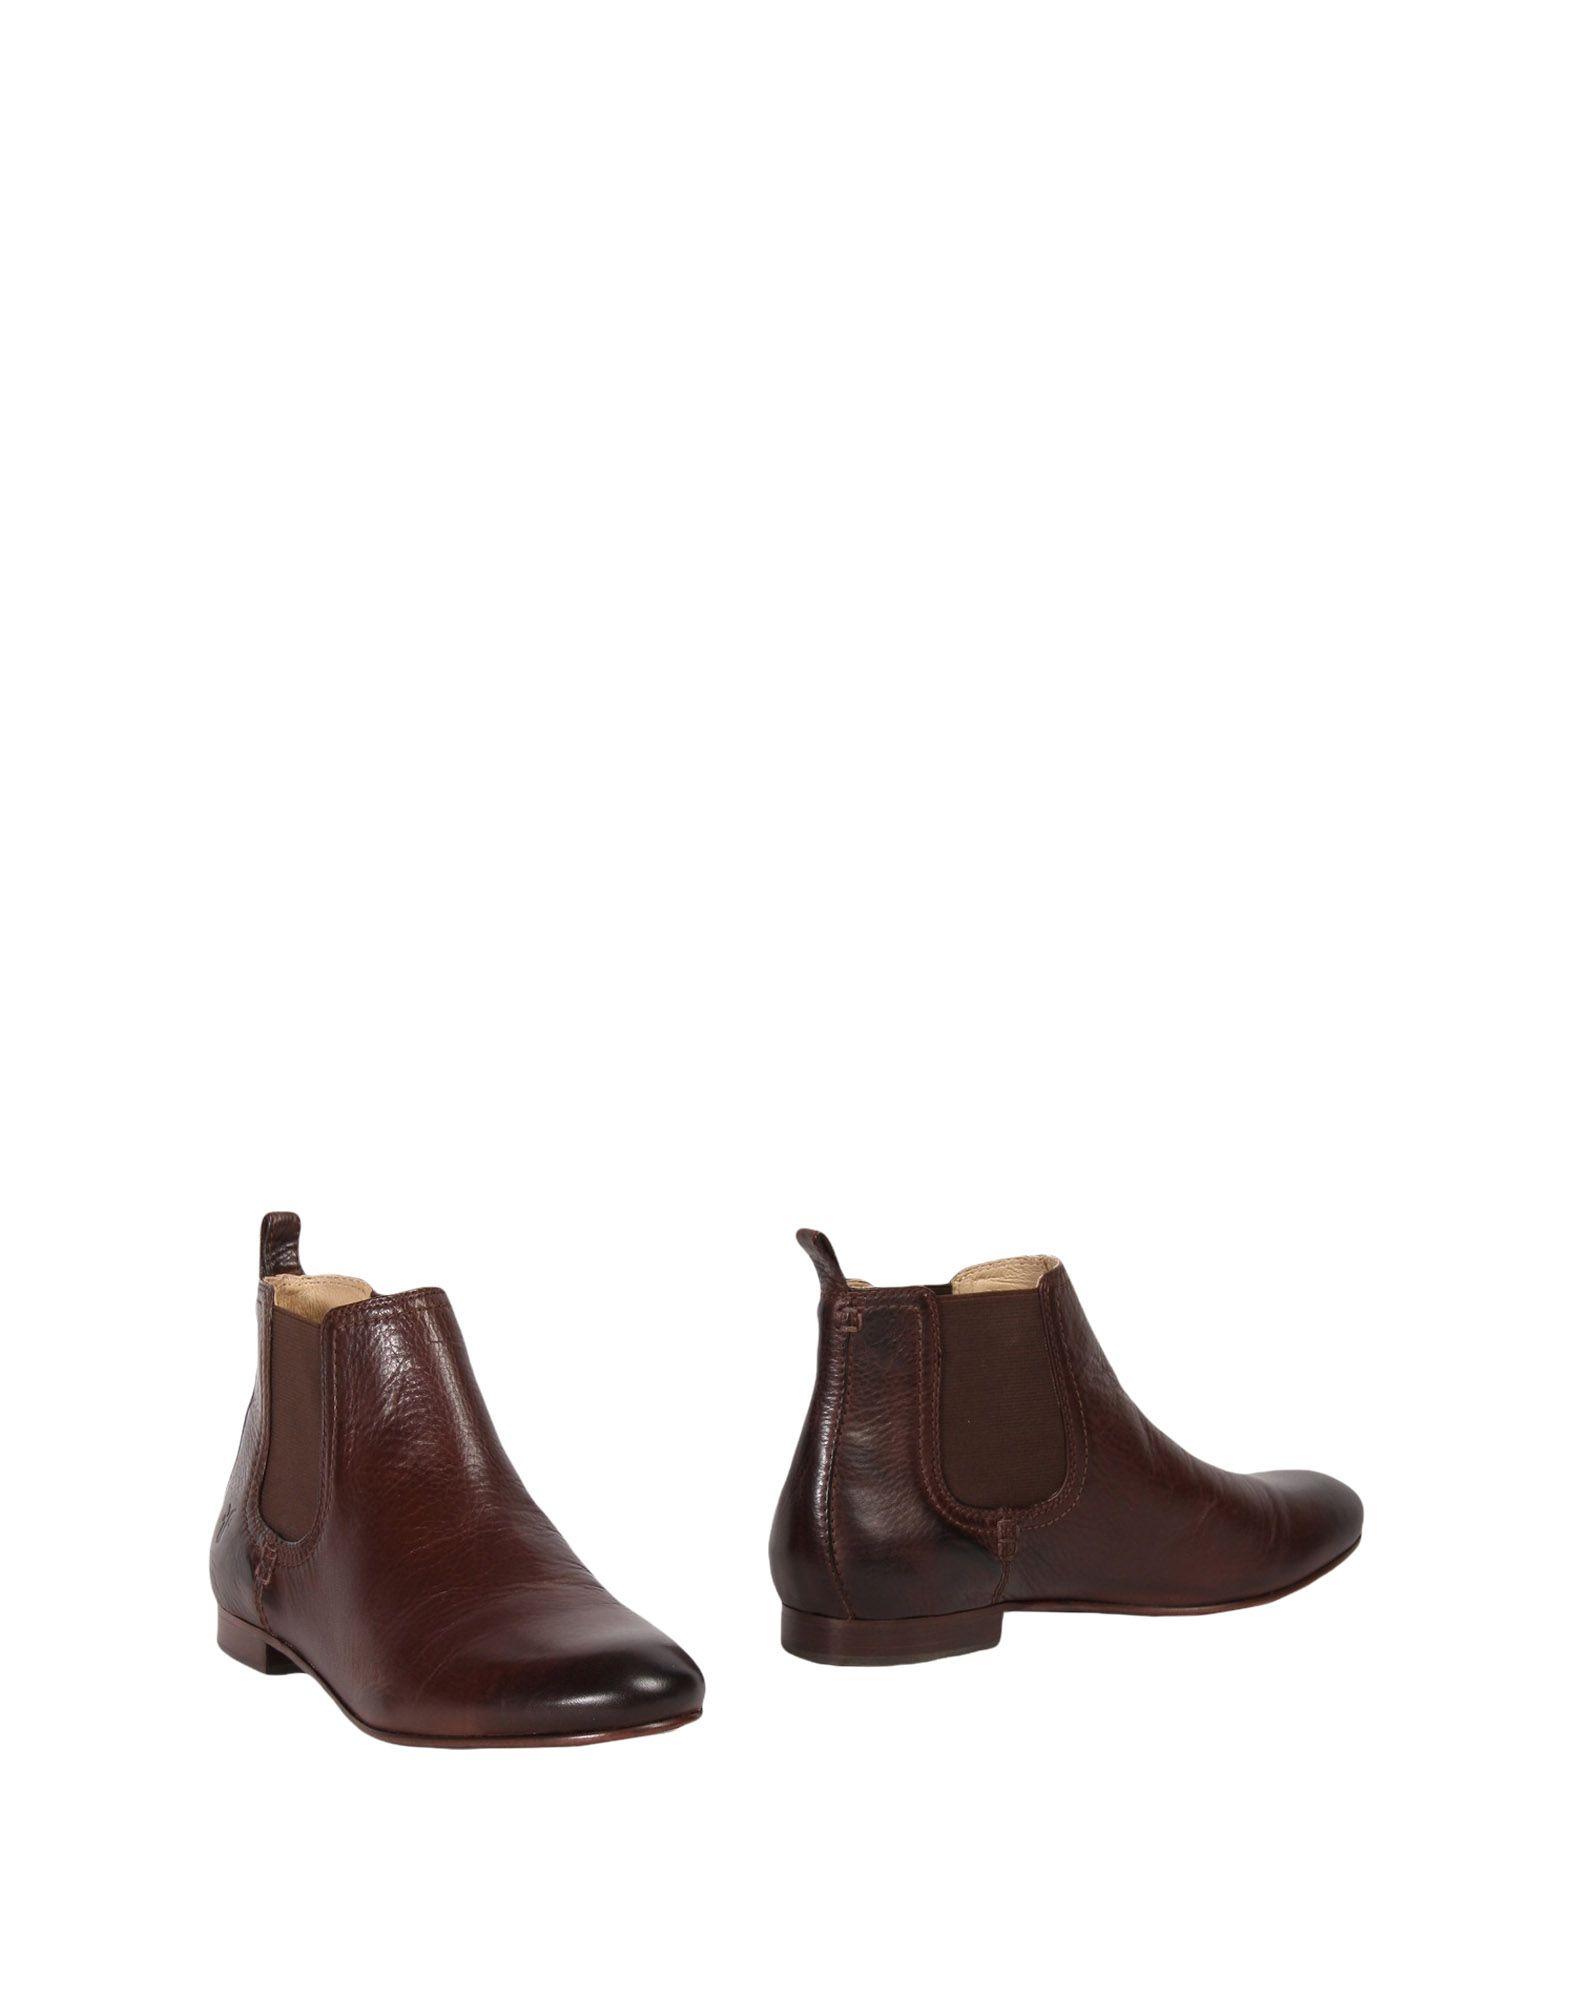 270a69b26d8 FRYE Boots - Footwear U | YOOX.COM